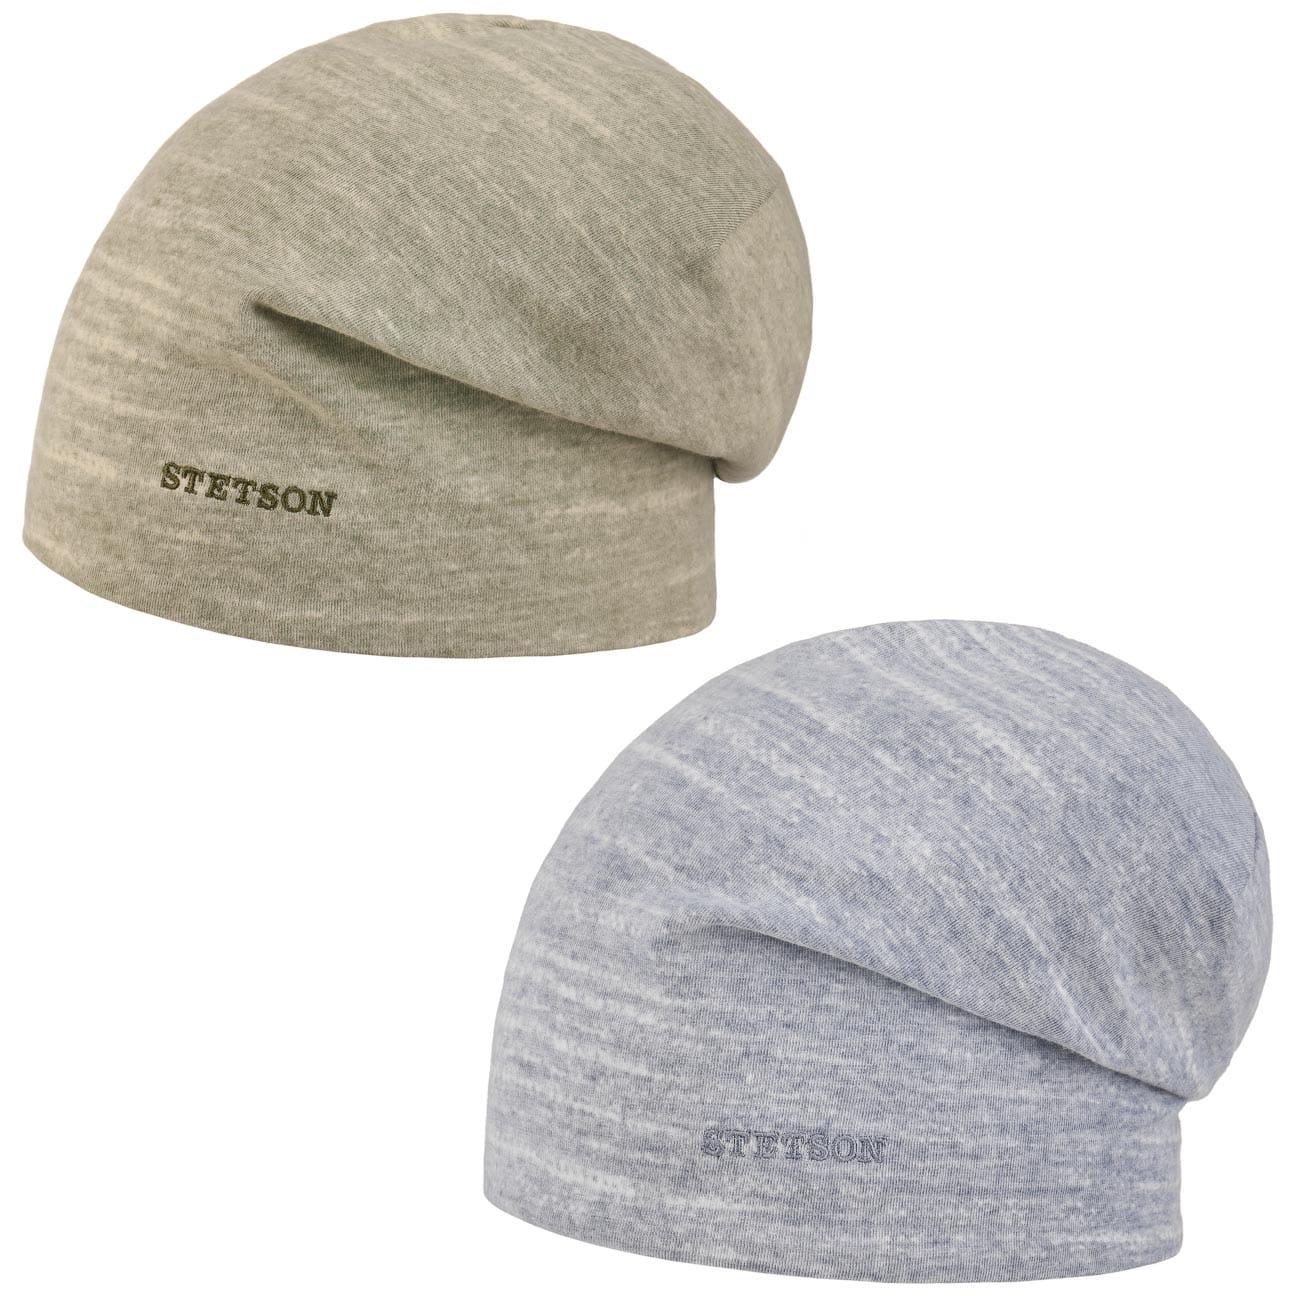 Bonnet Réversible Printed Jersey by Stetson  bonnet d`intérieur